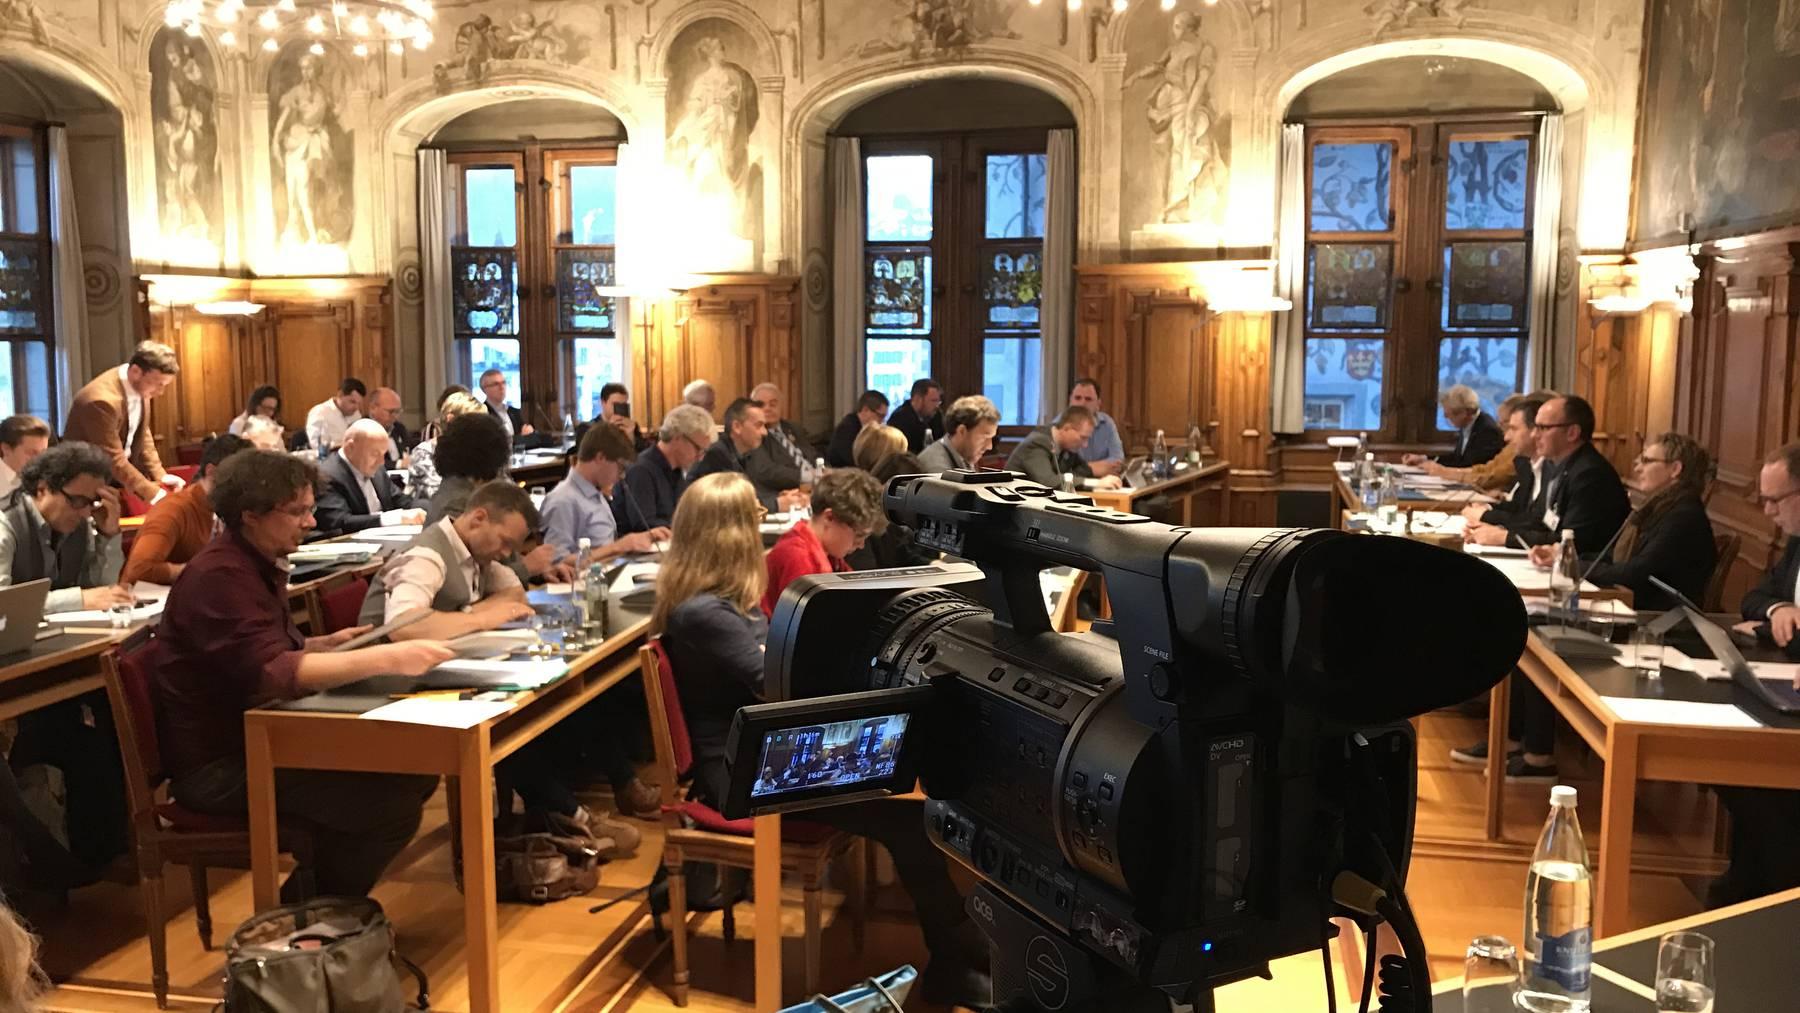 Über 300 Leute wollen ins Luzerner Stadtparlament